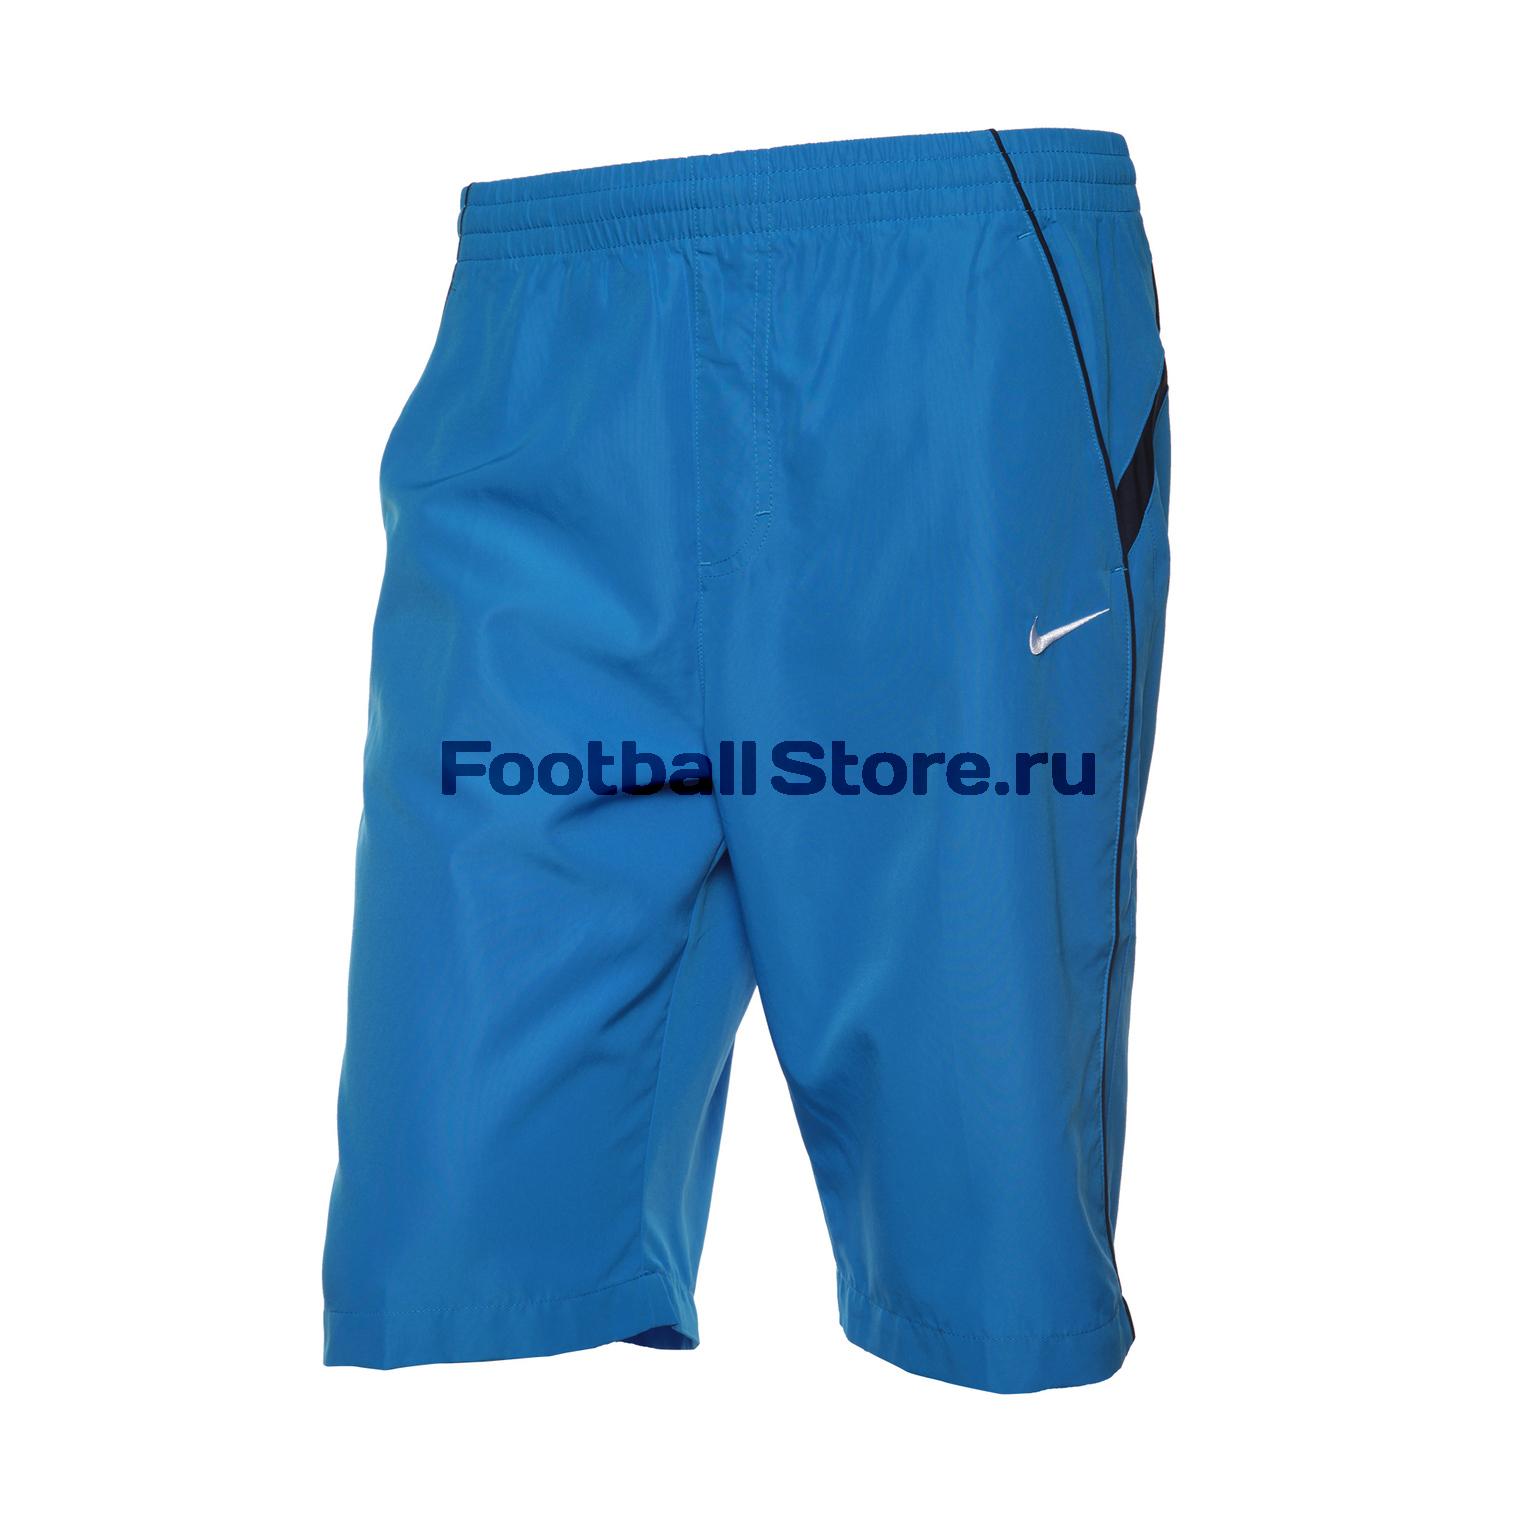 купить Тренировочная форма Nike Шорты подростковые тренировочные Nike 404371-486 недорого